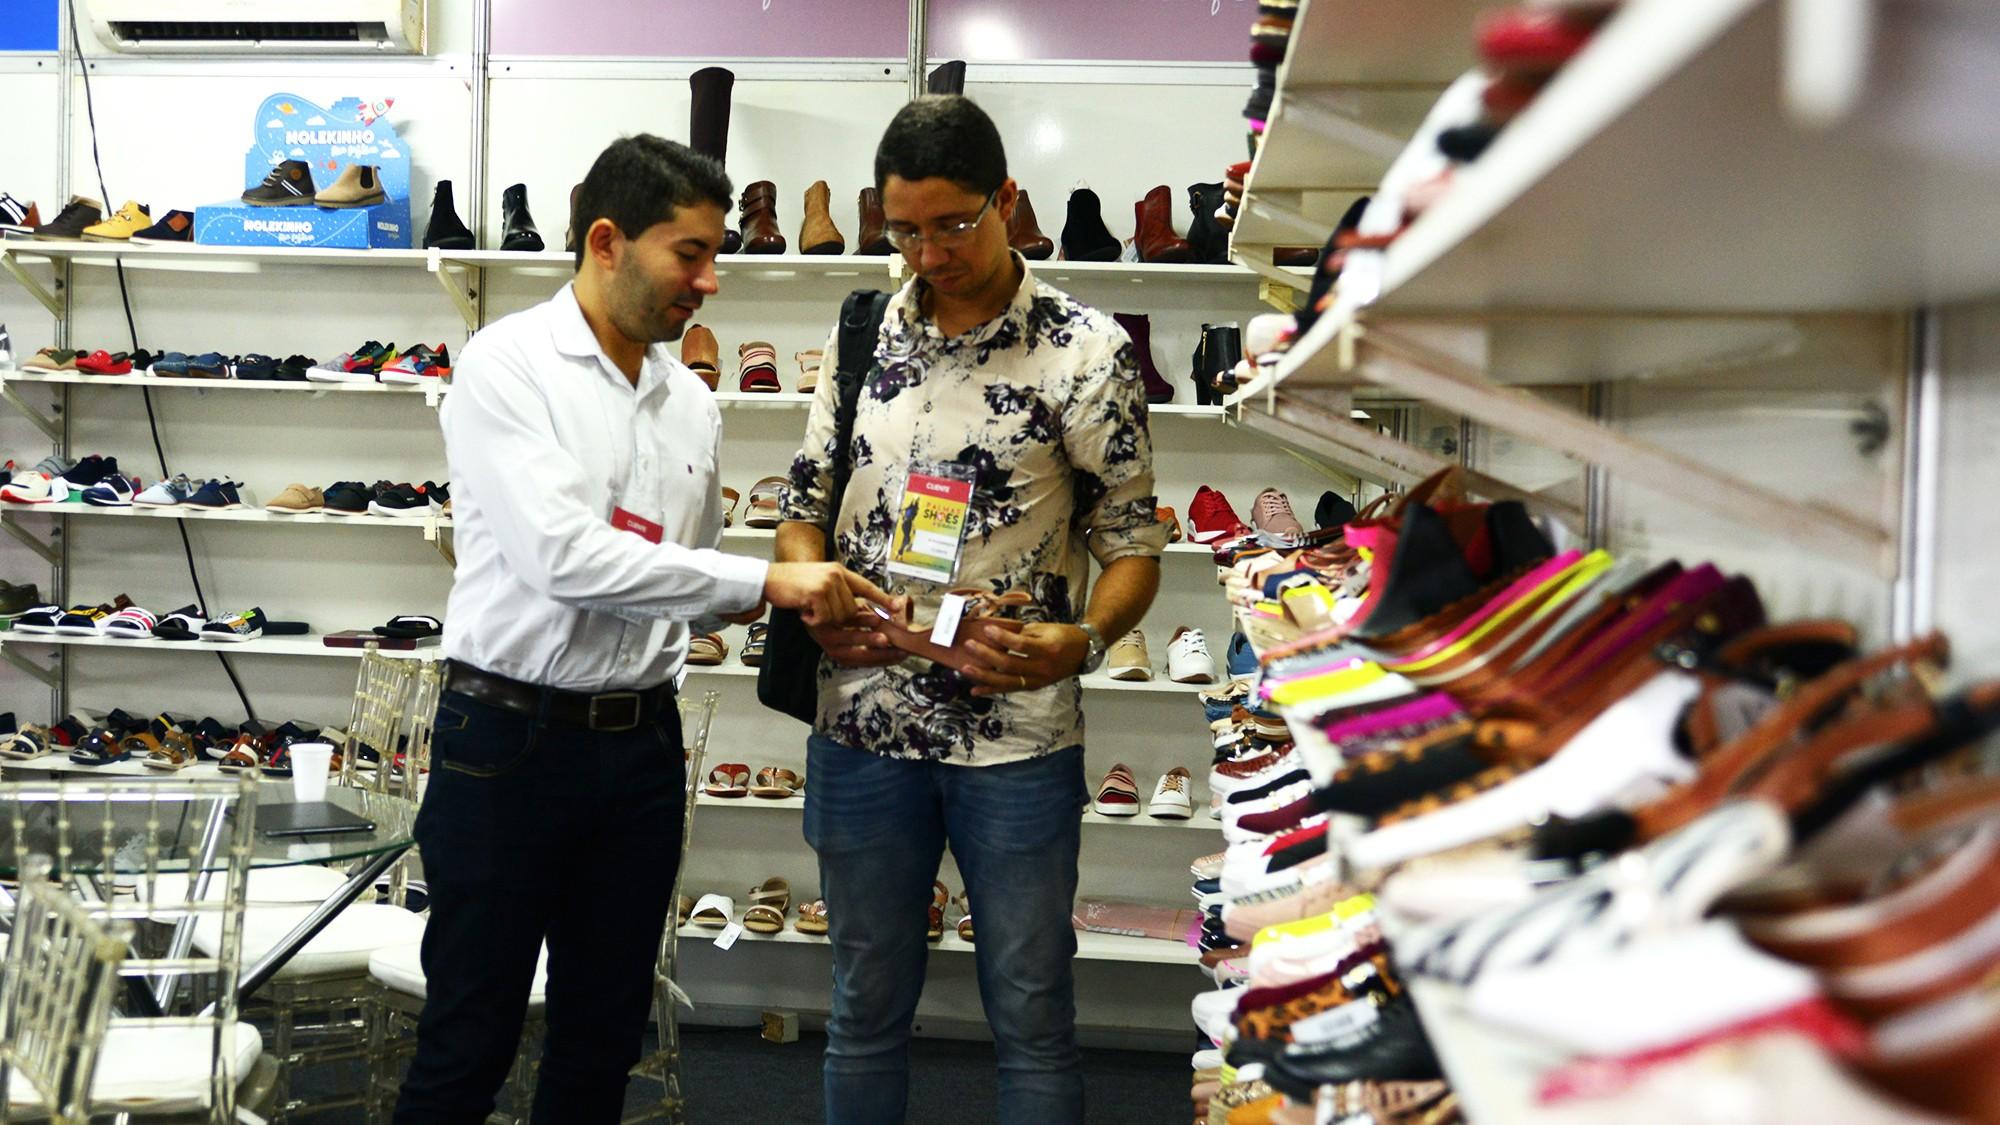 Em iniciativa inédita, Francal paga 50% da hospedagem dos lojistas que visitarem a feira